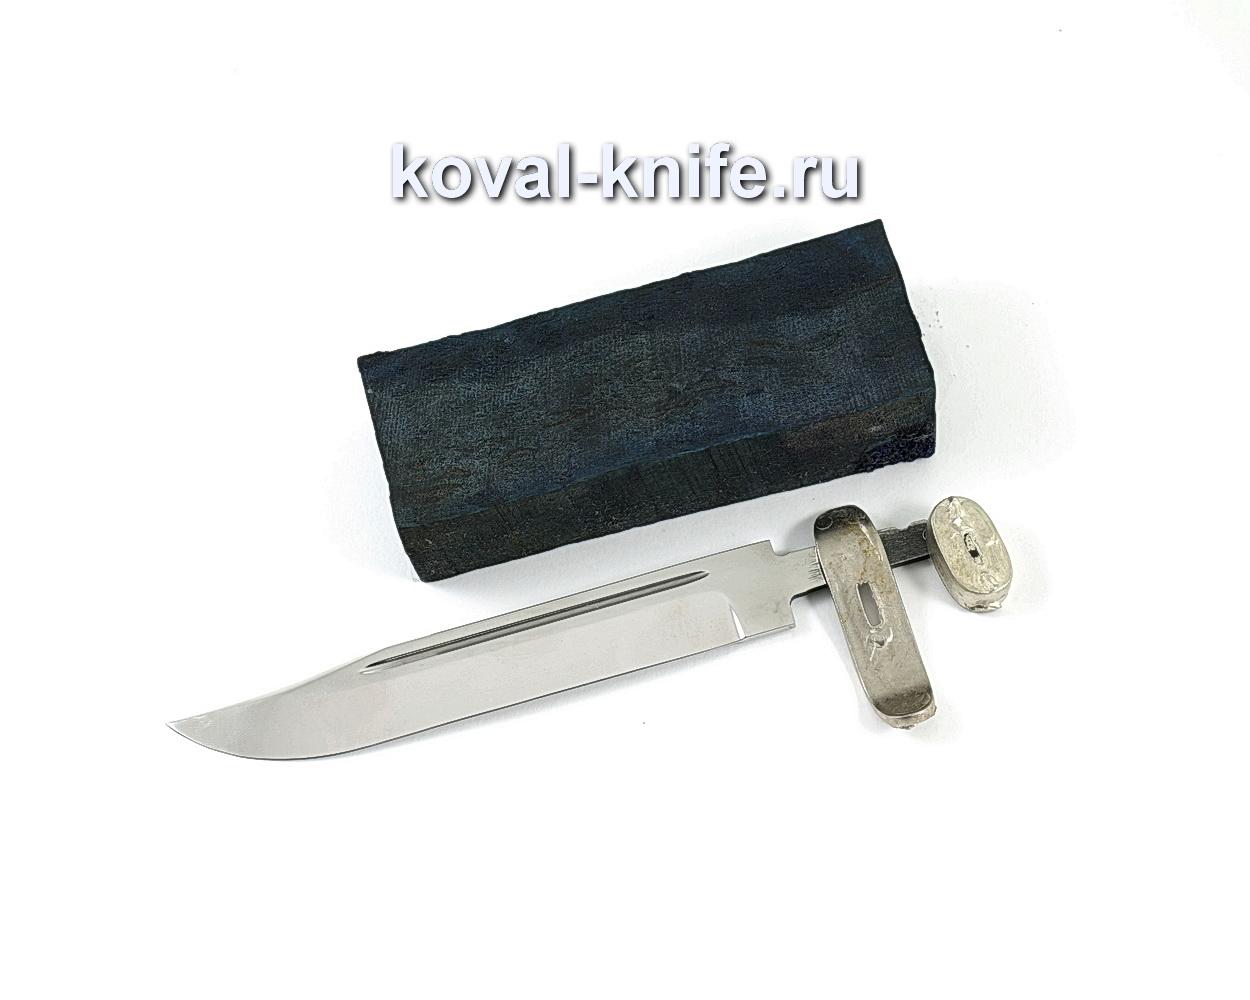 Комплект для ножа НР-40 2 (клинок кованая 95х18 3,5мм, литье 2шт., граб брусок)